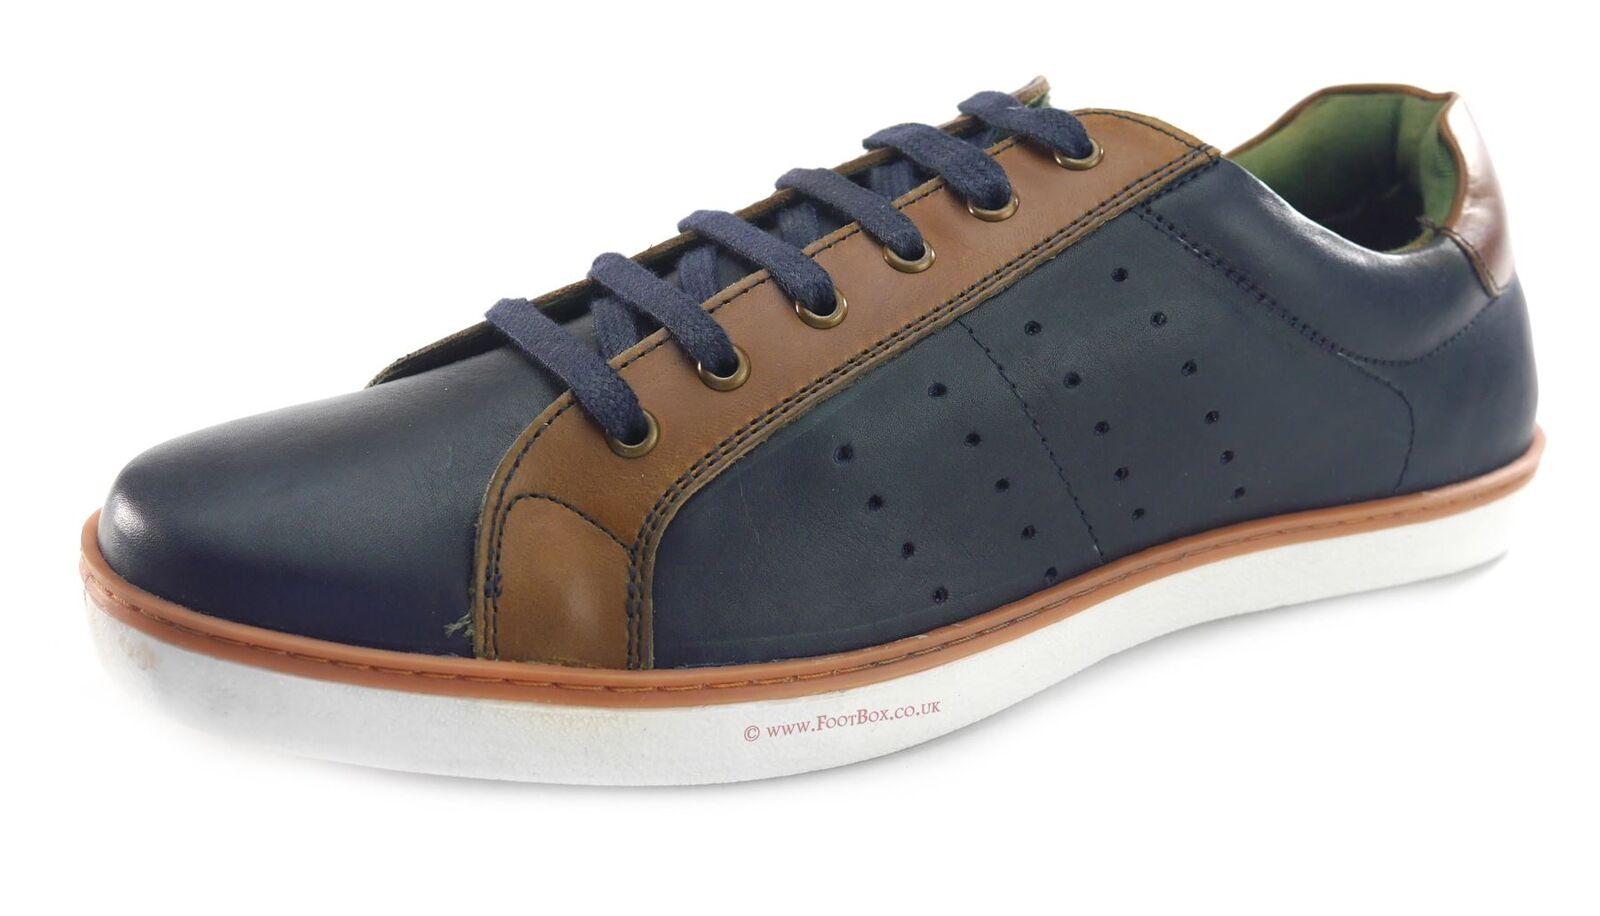 Silber Street Gower Freizeit Leder Schnur Ober Herren Schuhe Marineblau  | Verschiedene Stile und Stile